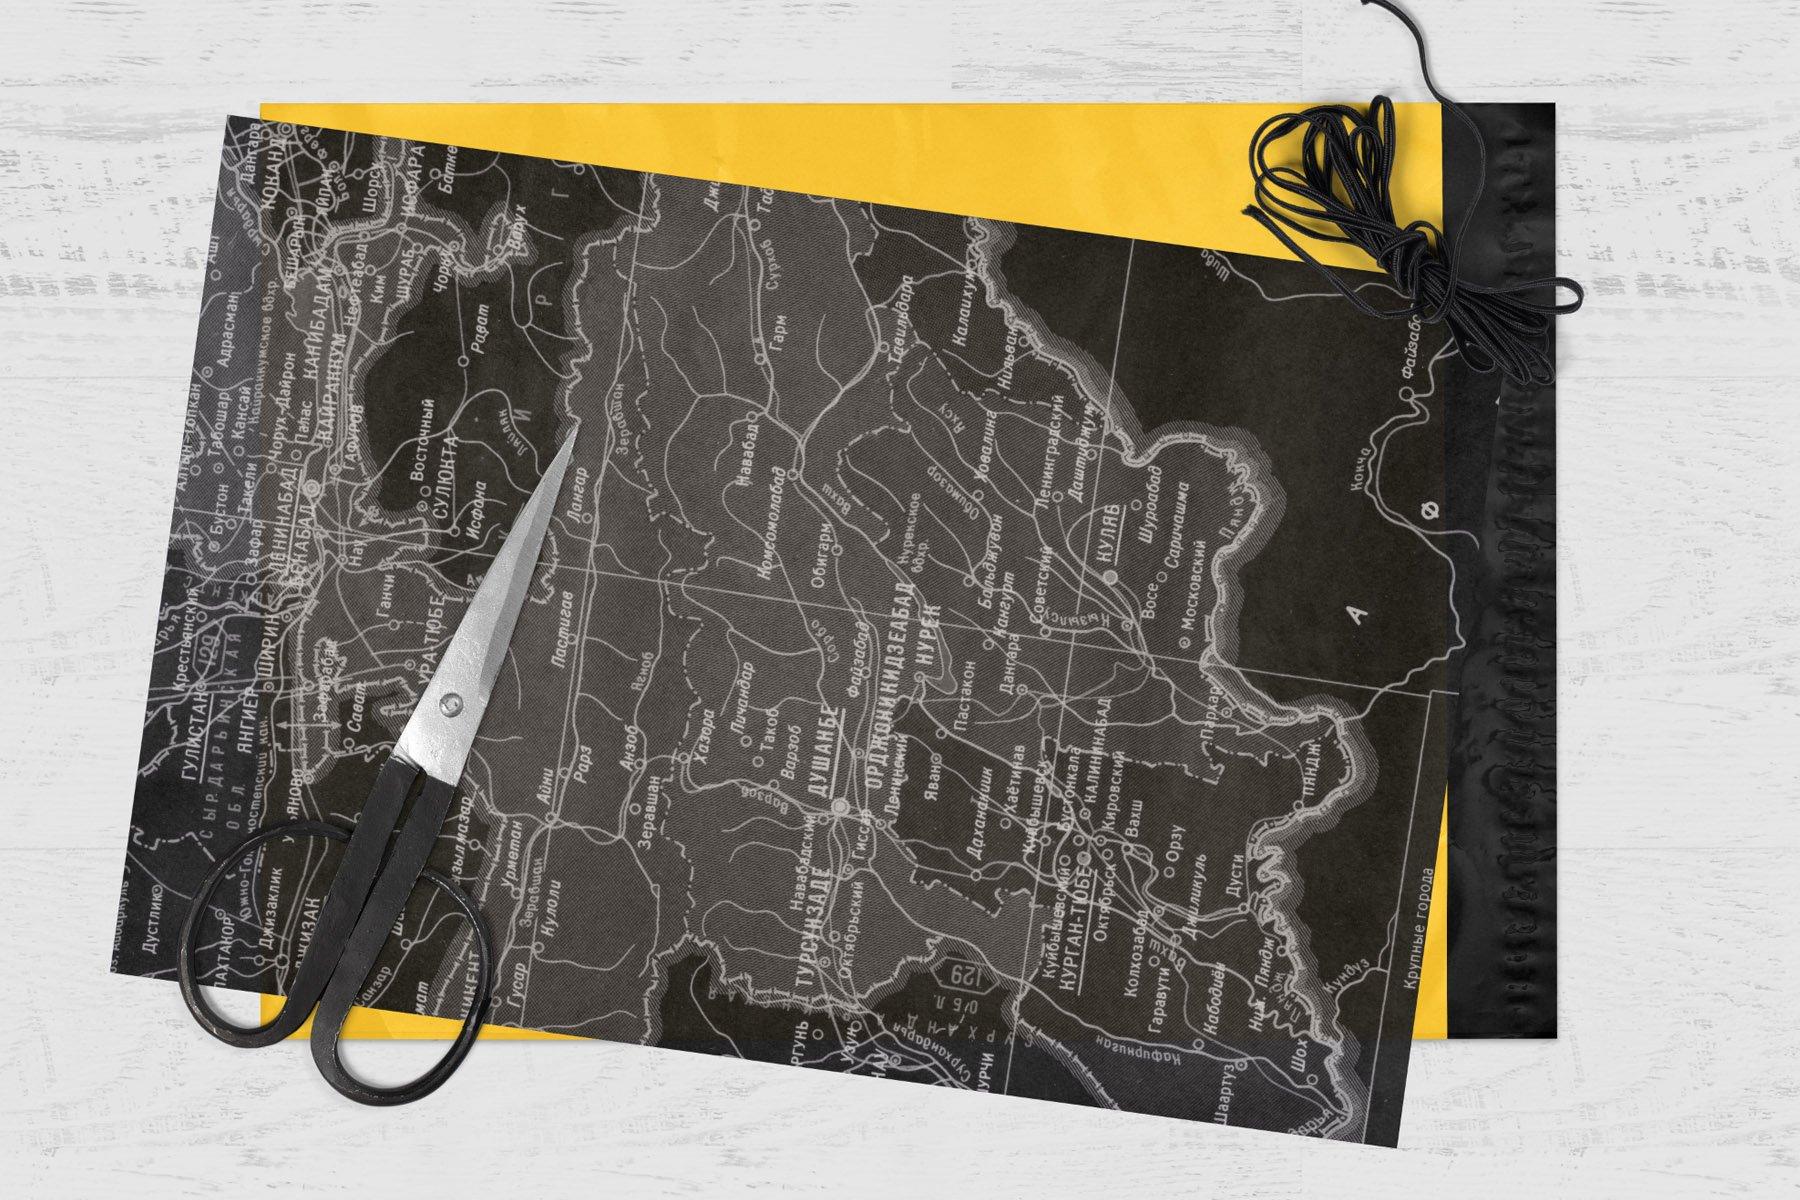 [淘宝购买] 60款高清复古老式苏联世界地图底纹背景纹理图片设计素材 60 USSR Map Textures插图8